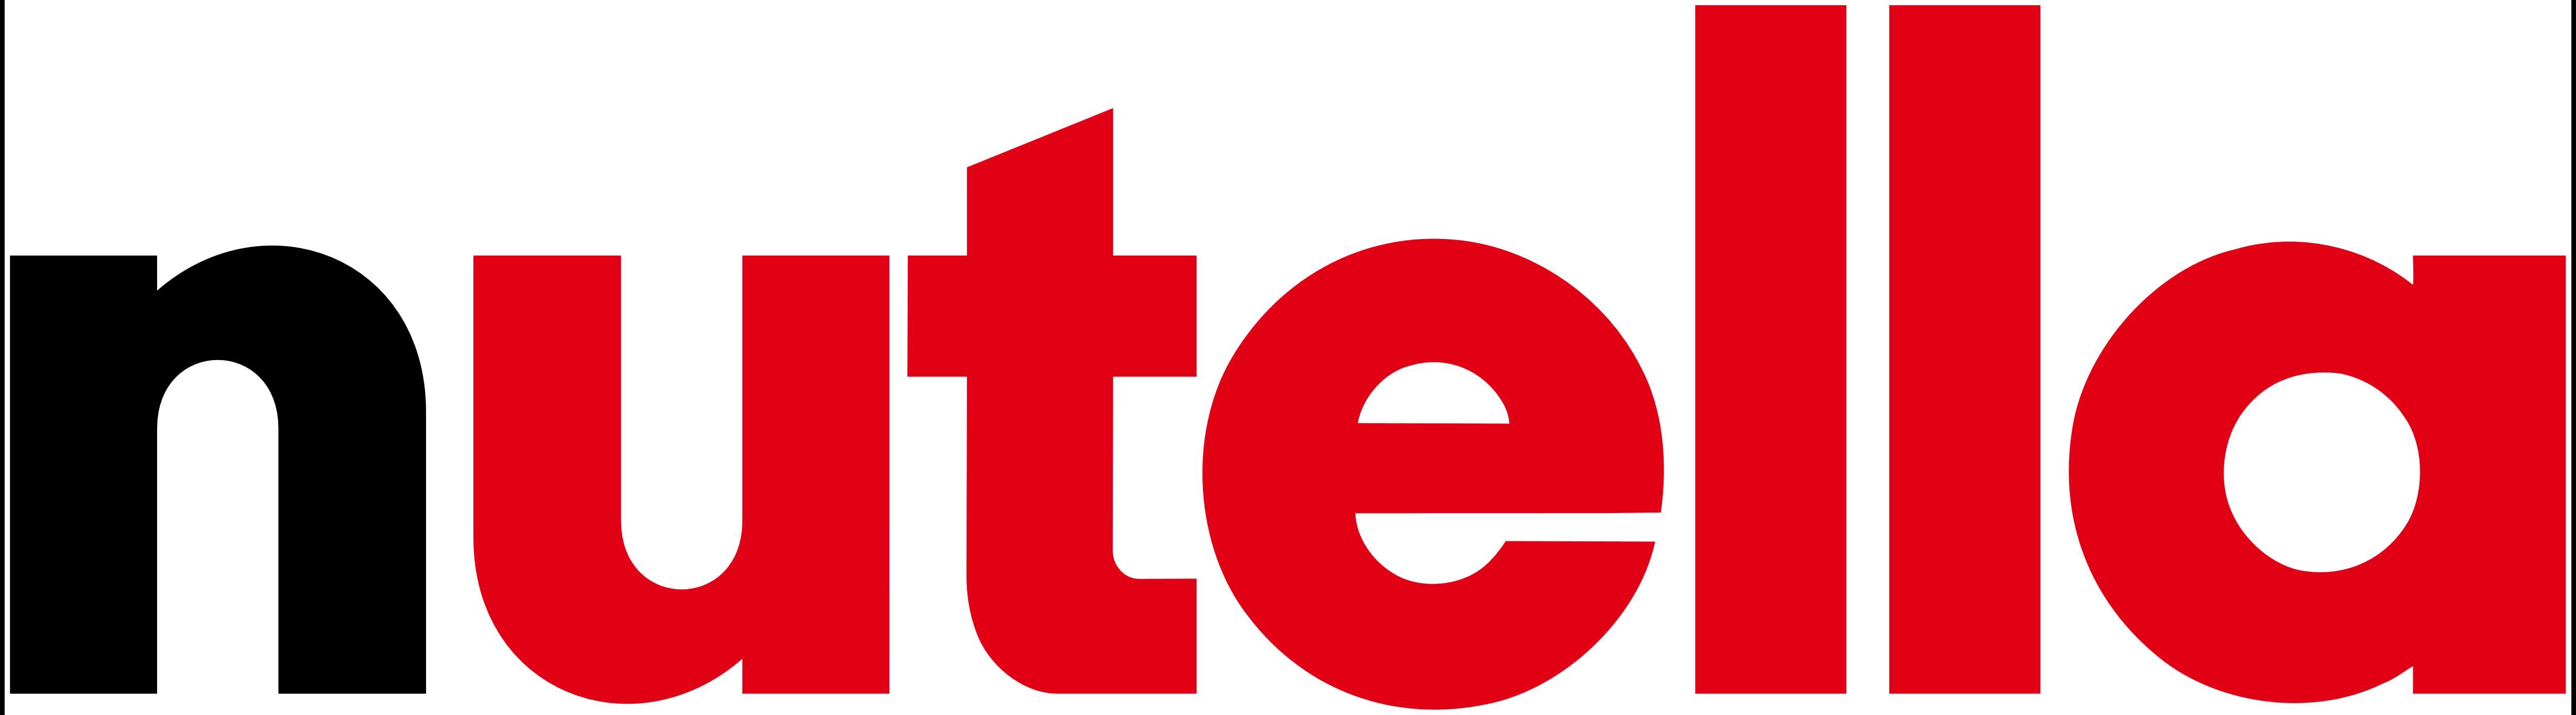 Nutella Logo Wallpaper